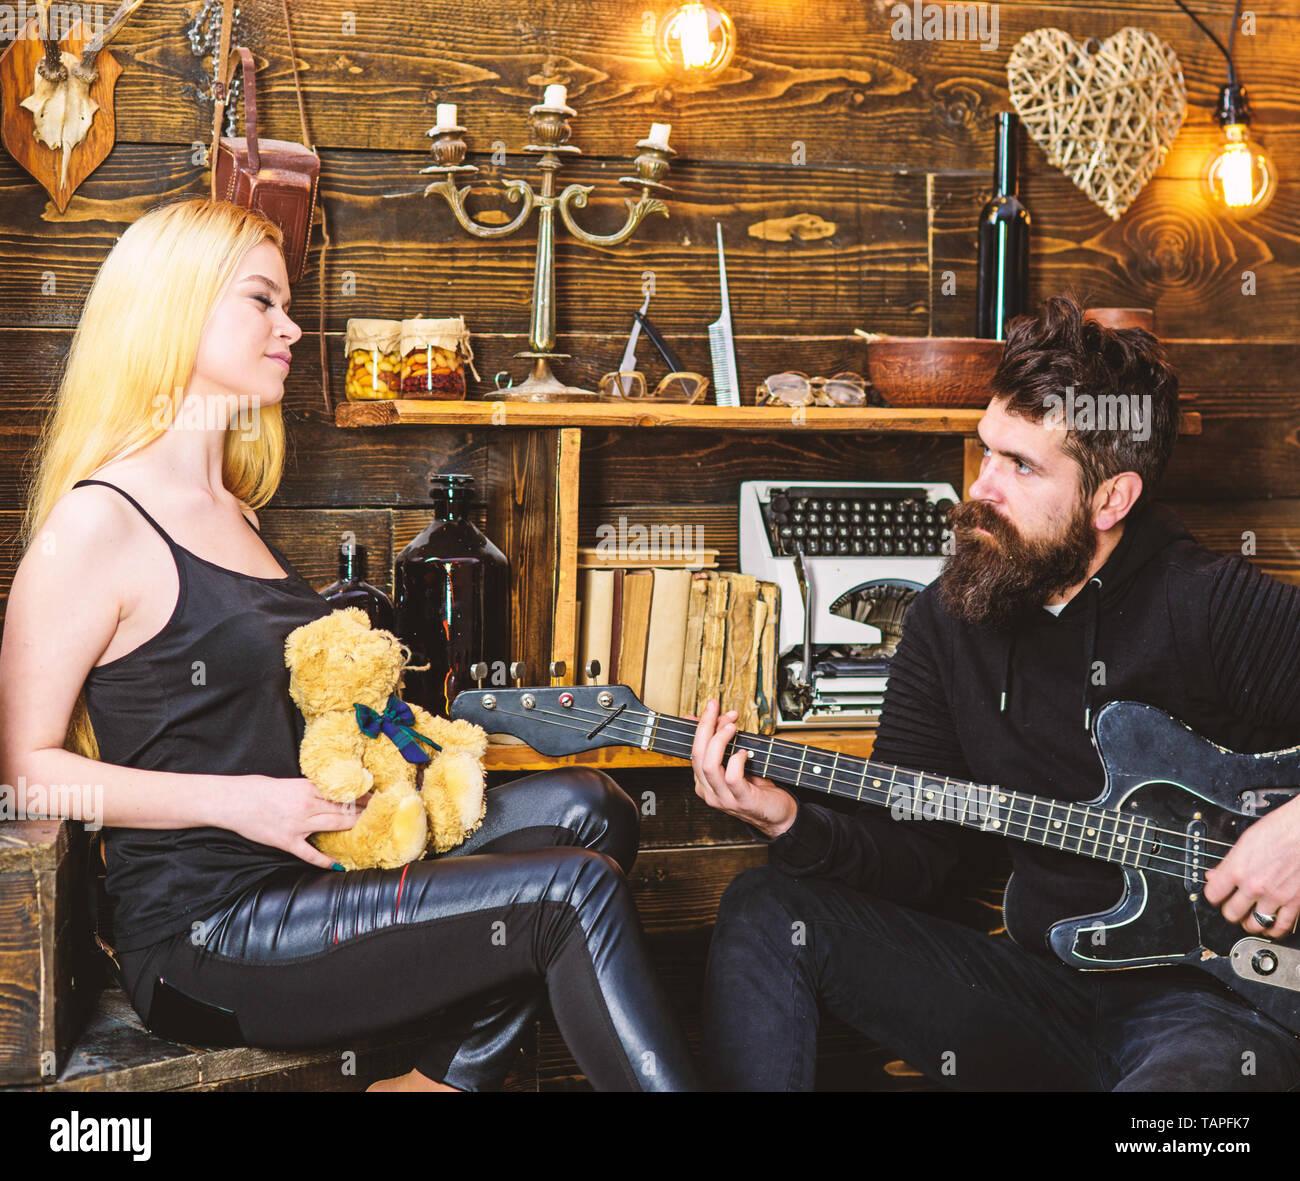 Manplay dating